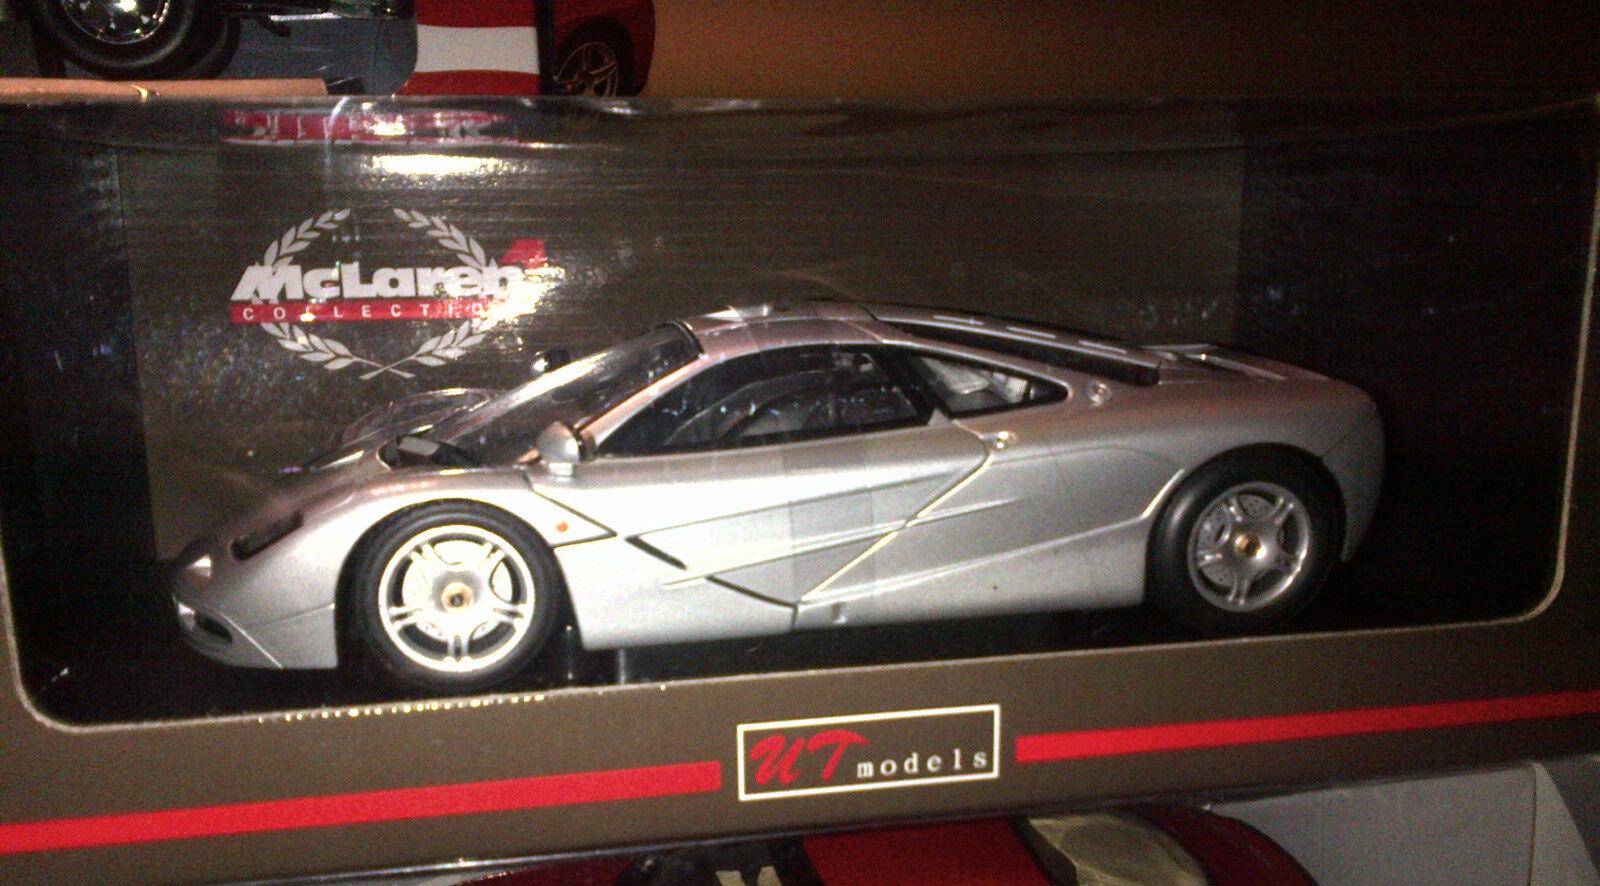 McLaren F1 Argent 1 18 en ut models très rare interrompu New in Box dernière pièce